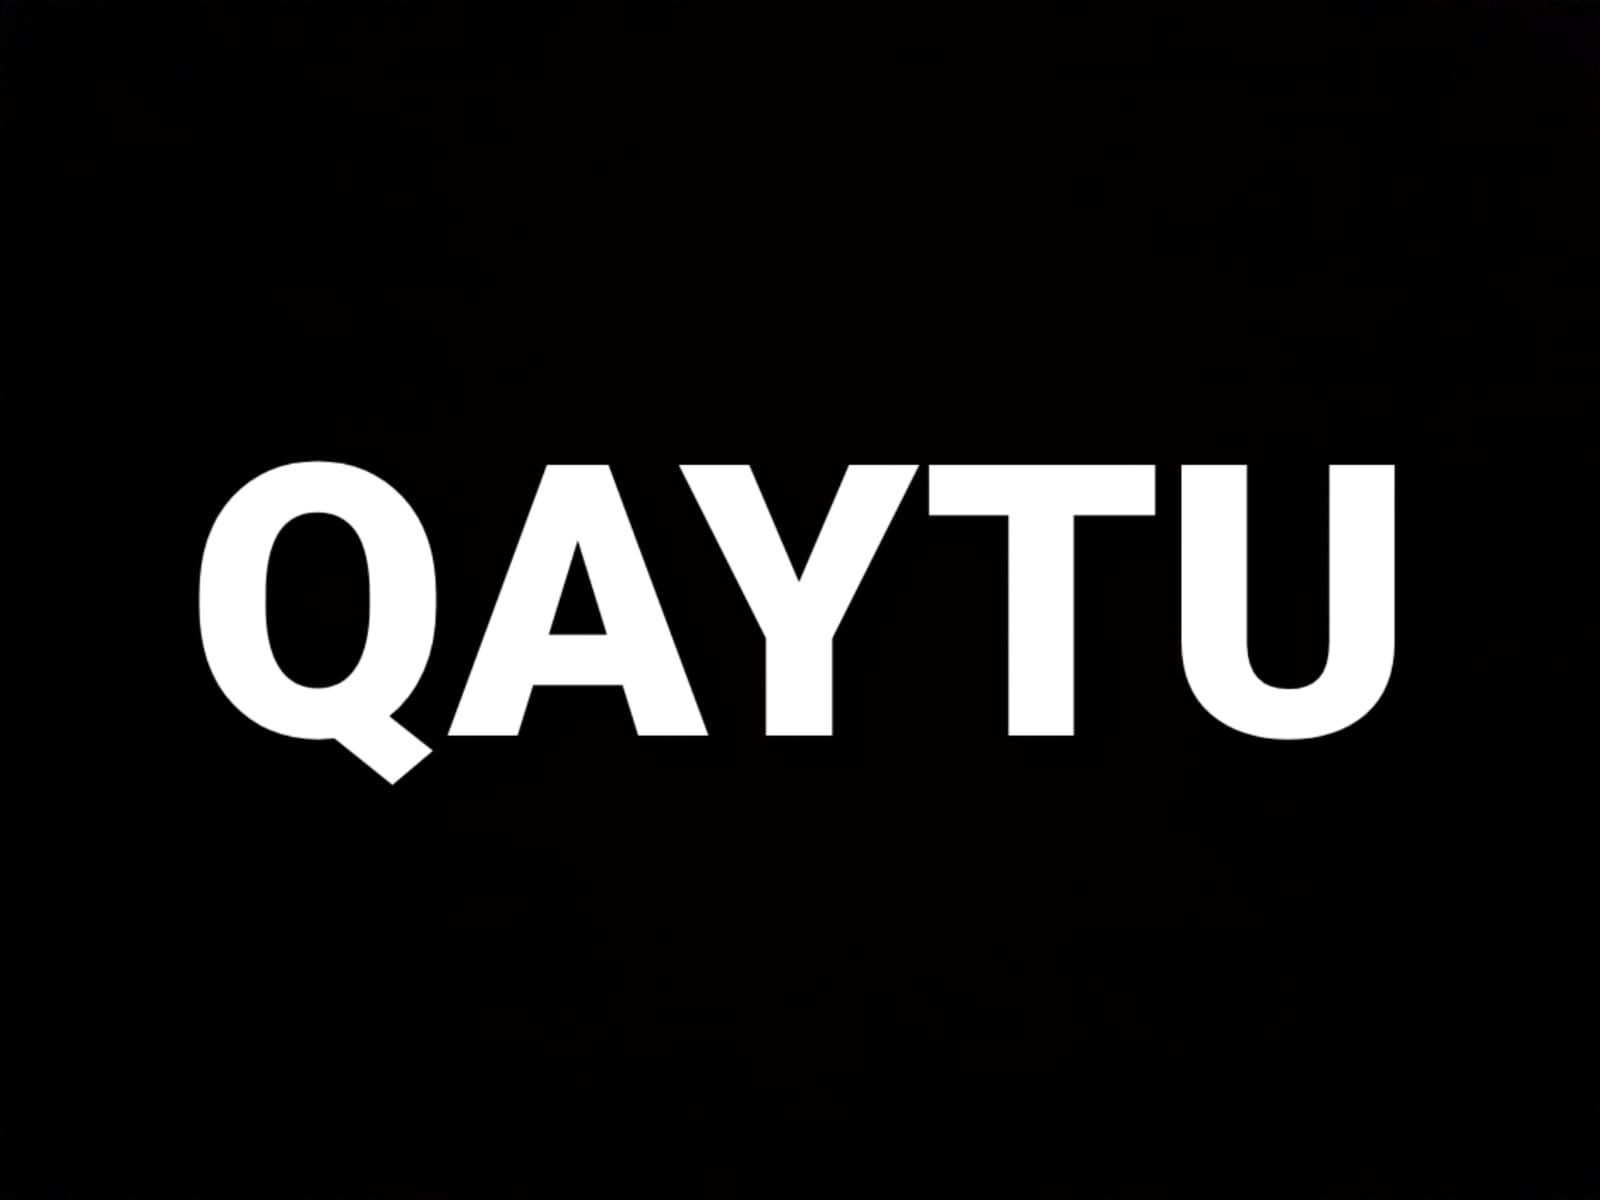 QAYTU